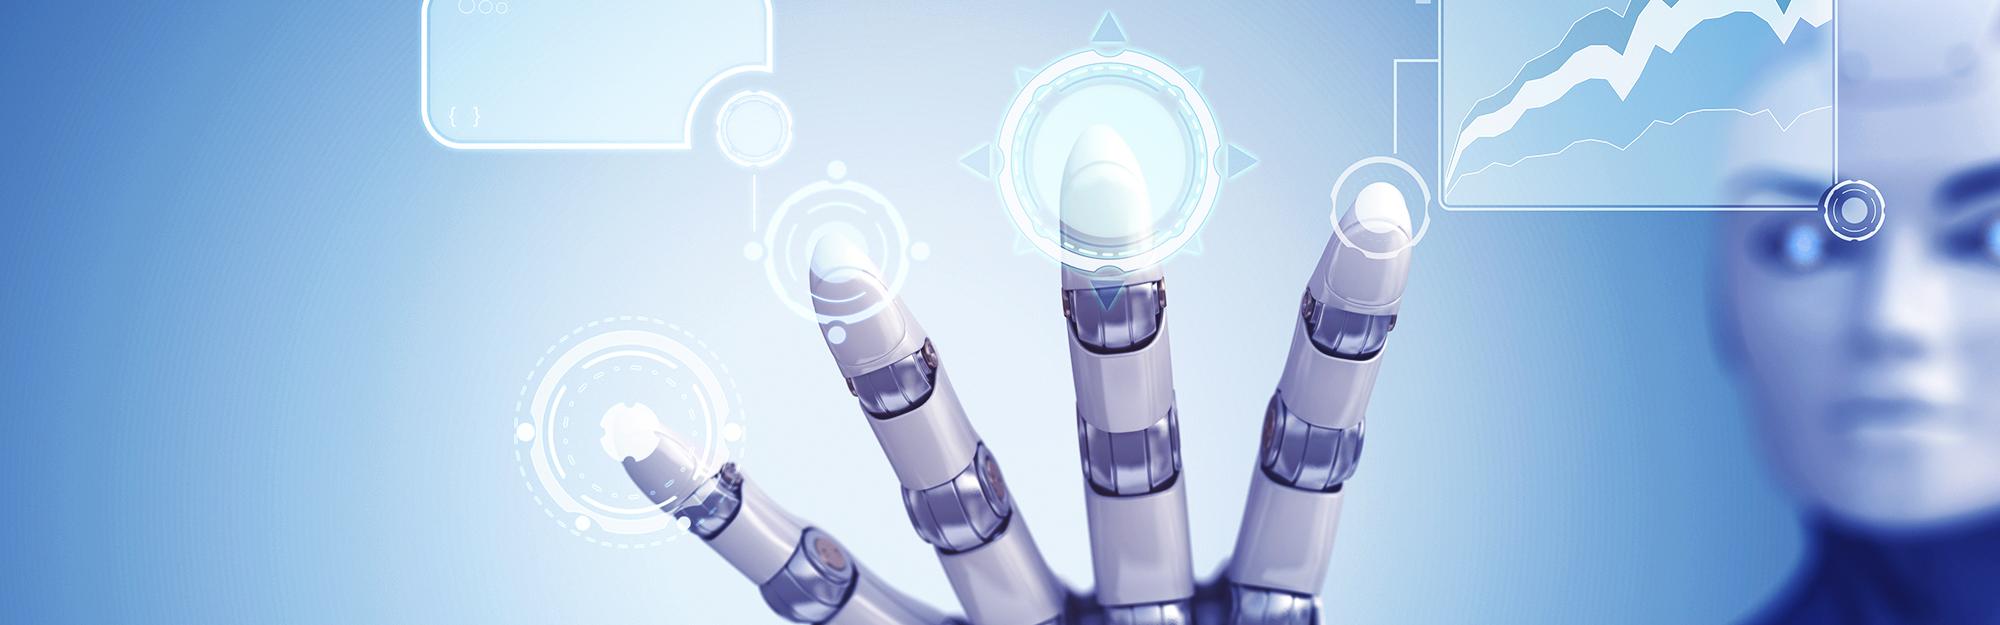 Intelligenza artificiale: il mercato attuale, le tecnologie e gli ambiti applicativi più promettenti per le aziende